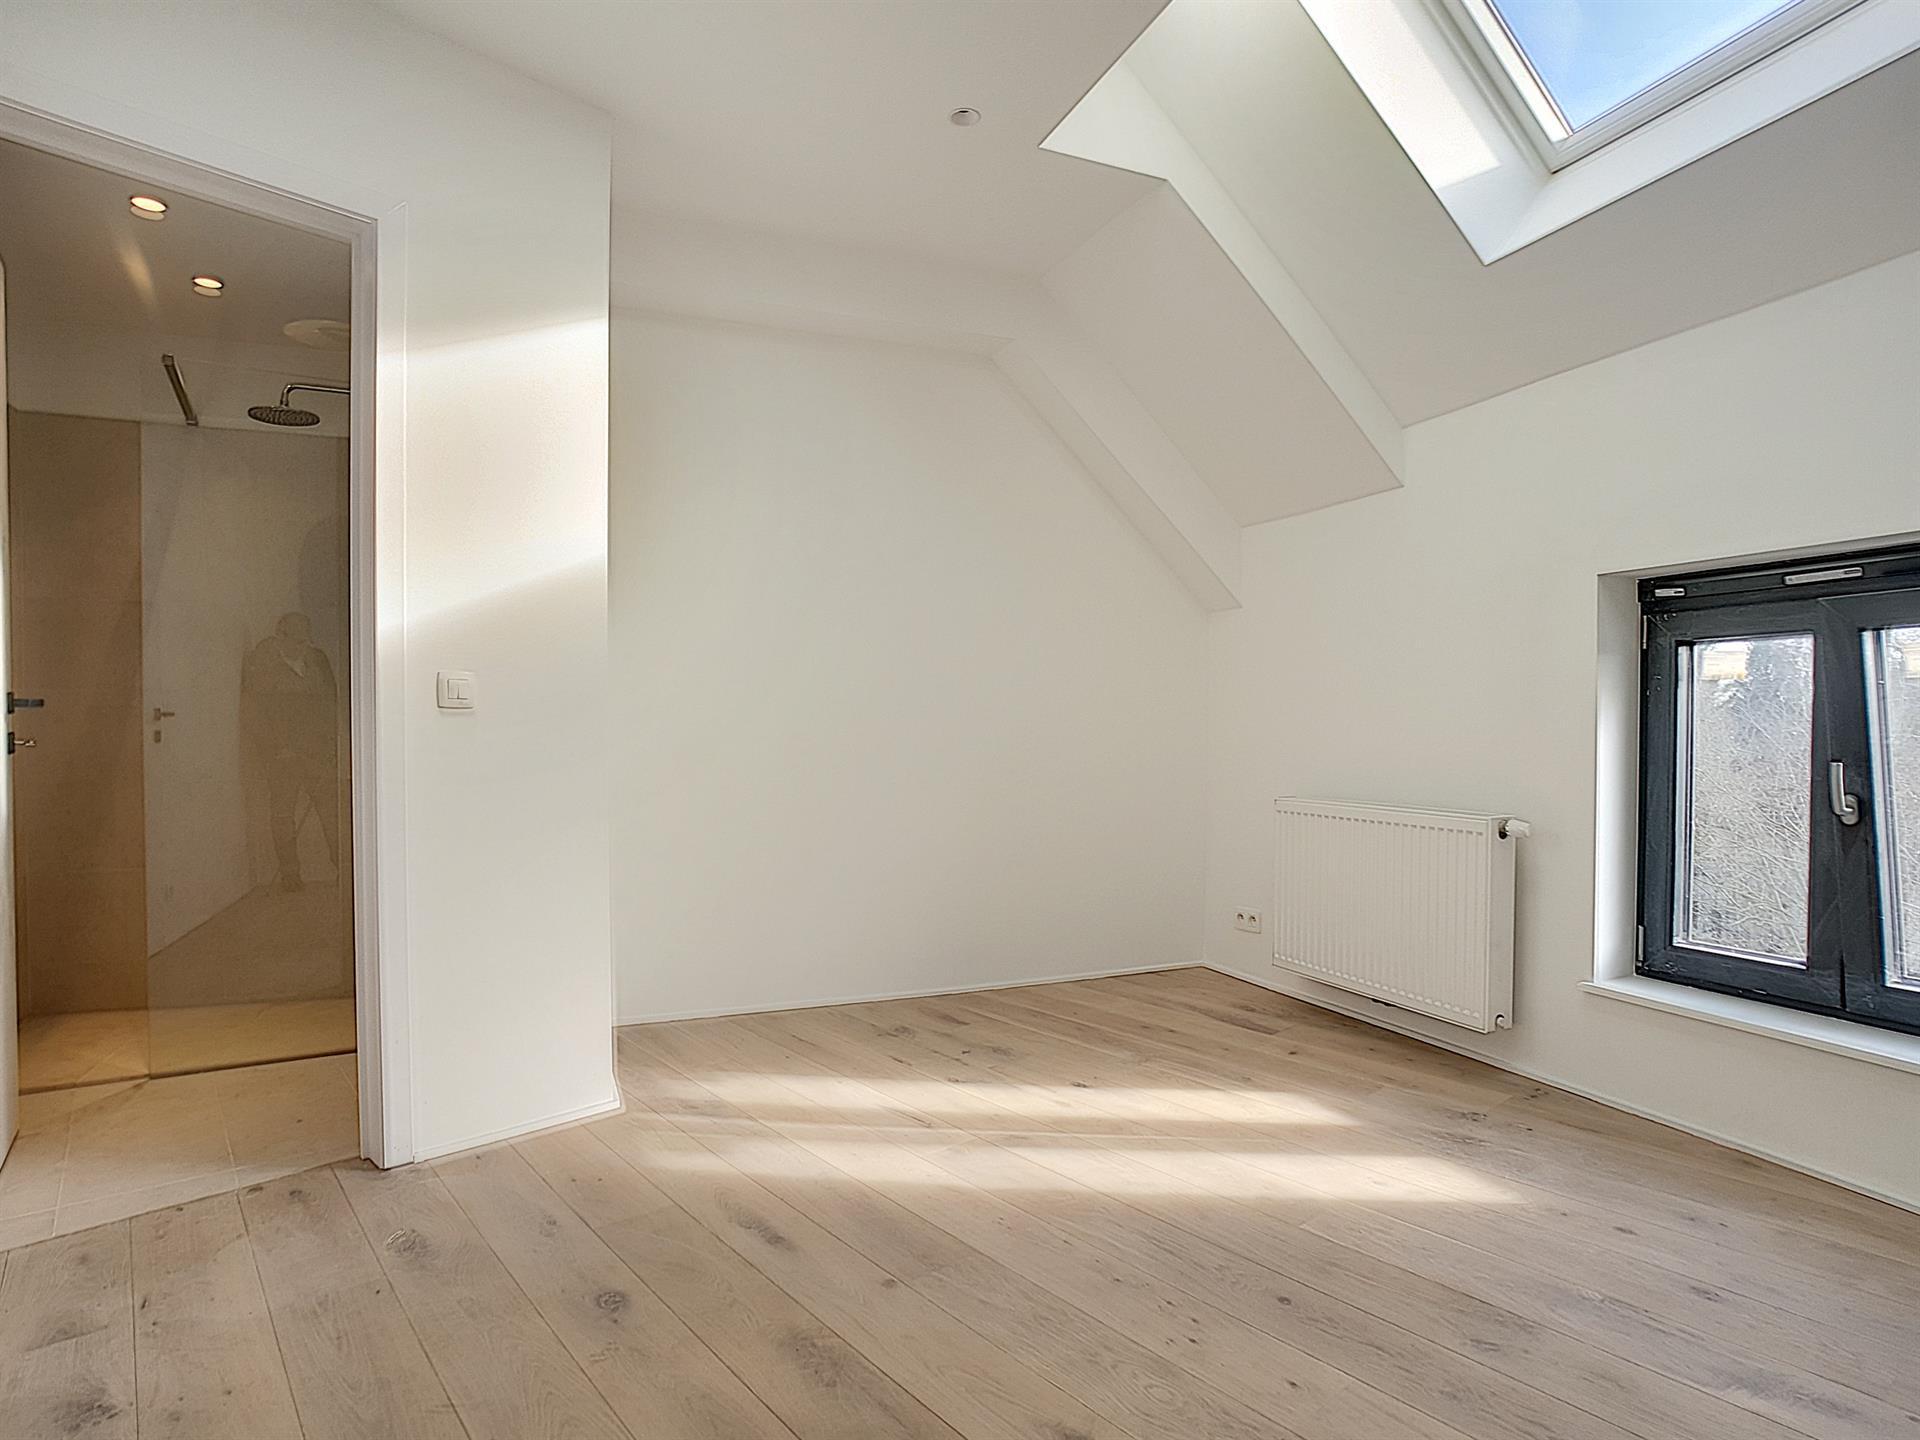 Appartement - Genappe - #4514486-18